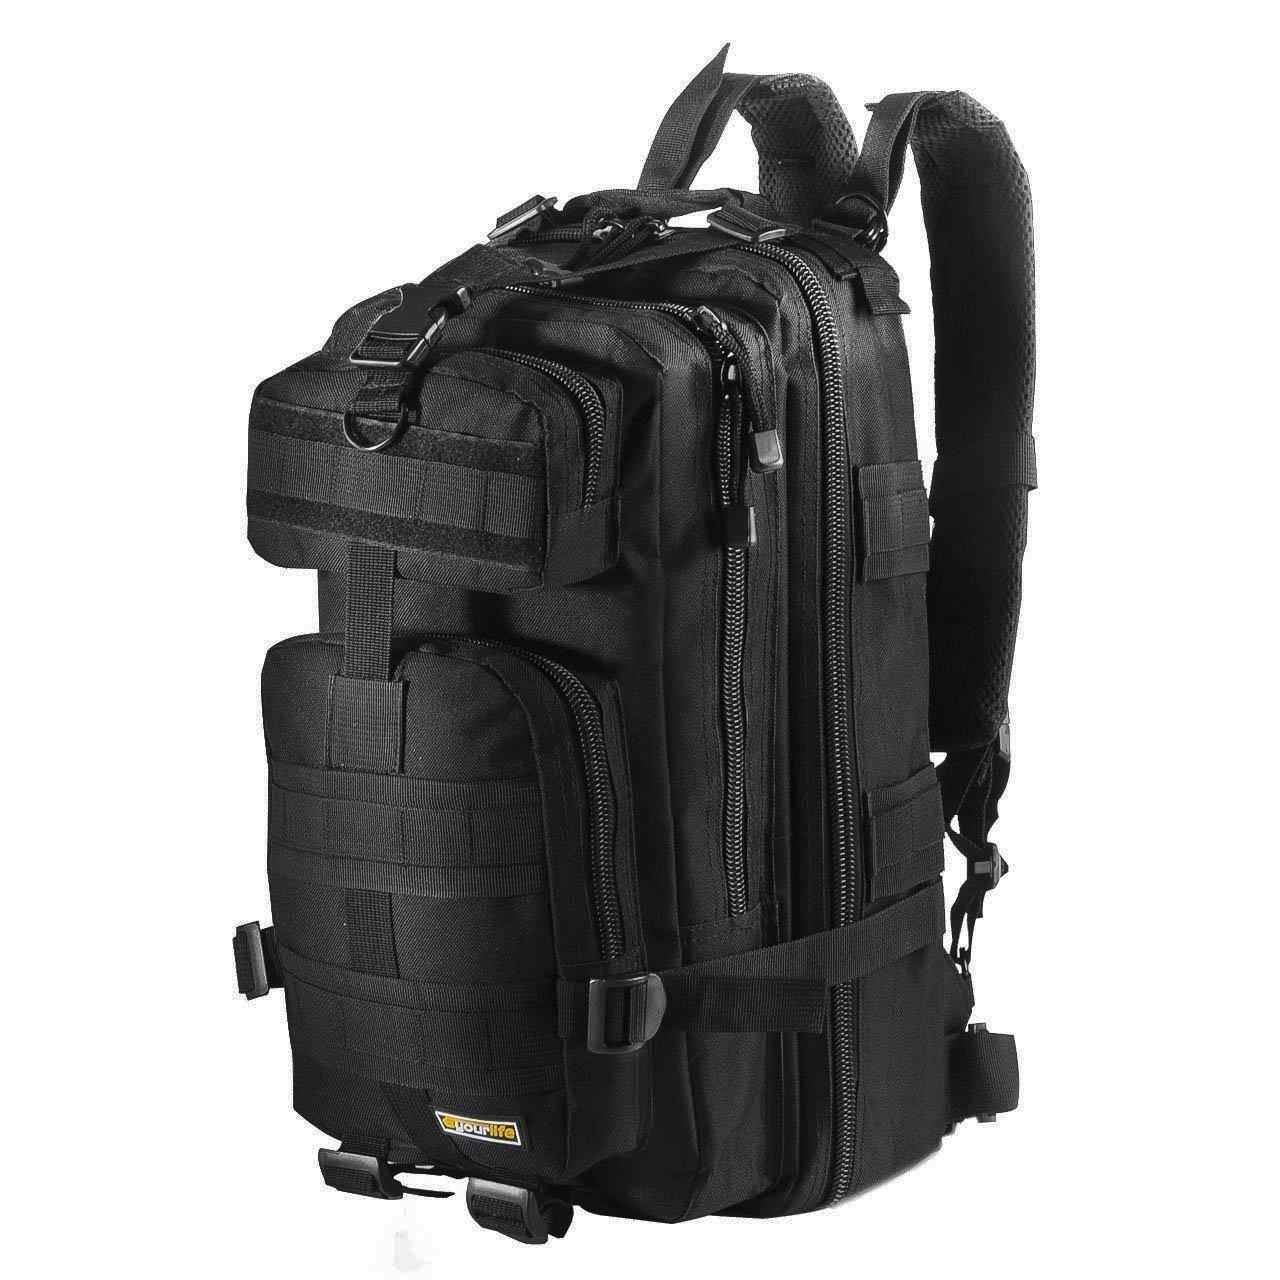 Eyourlife Mochila Militar Táctica Molle para Acampada Camping Senderismo Deporte Backpack de Asalto Patrulla para Hombre Mujer Negro 20L